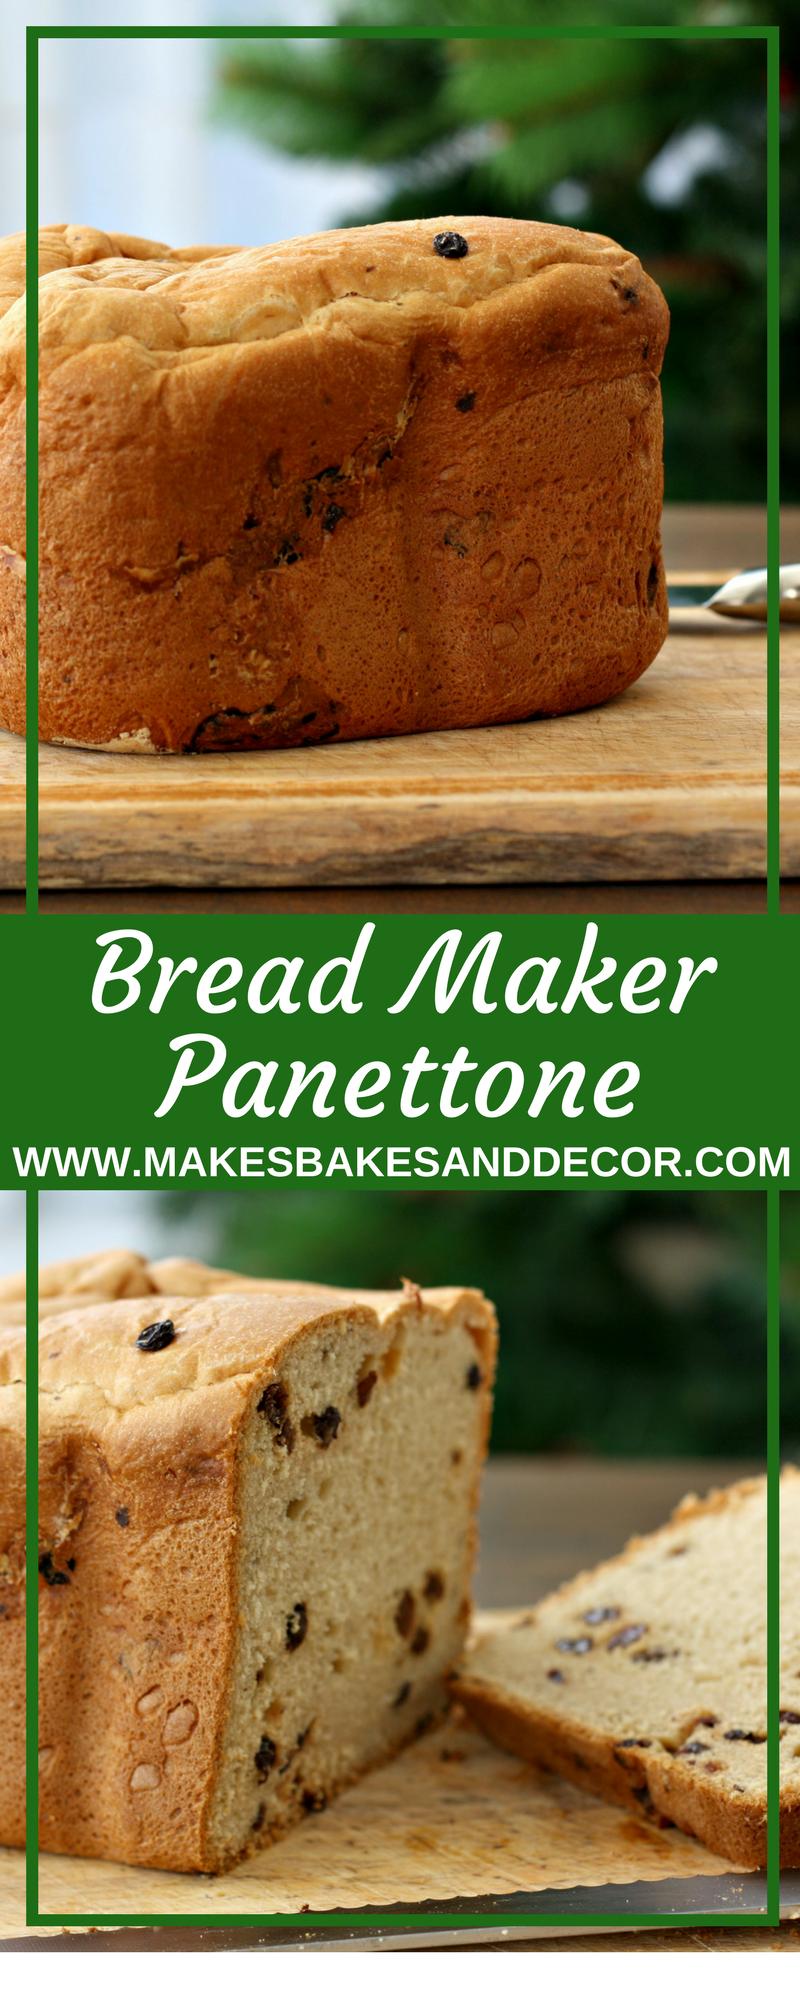 bread maker panettone